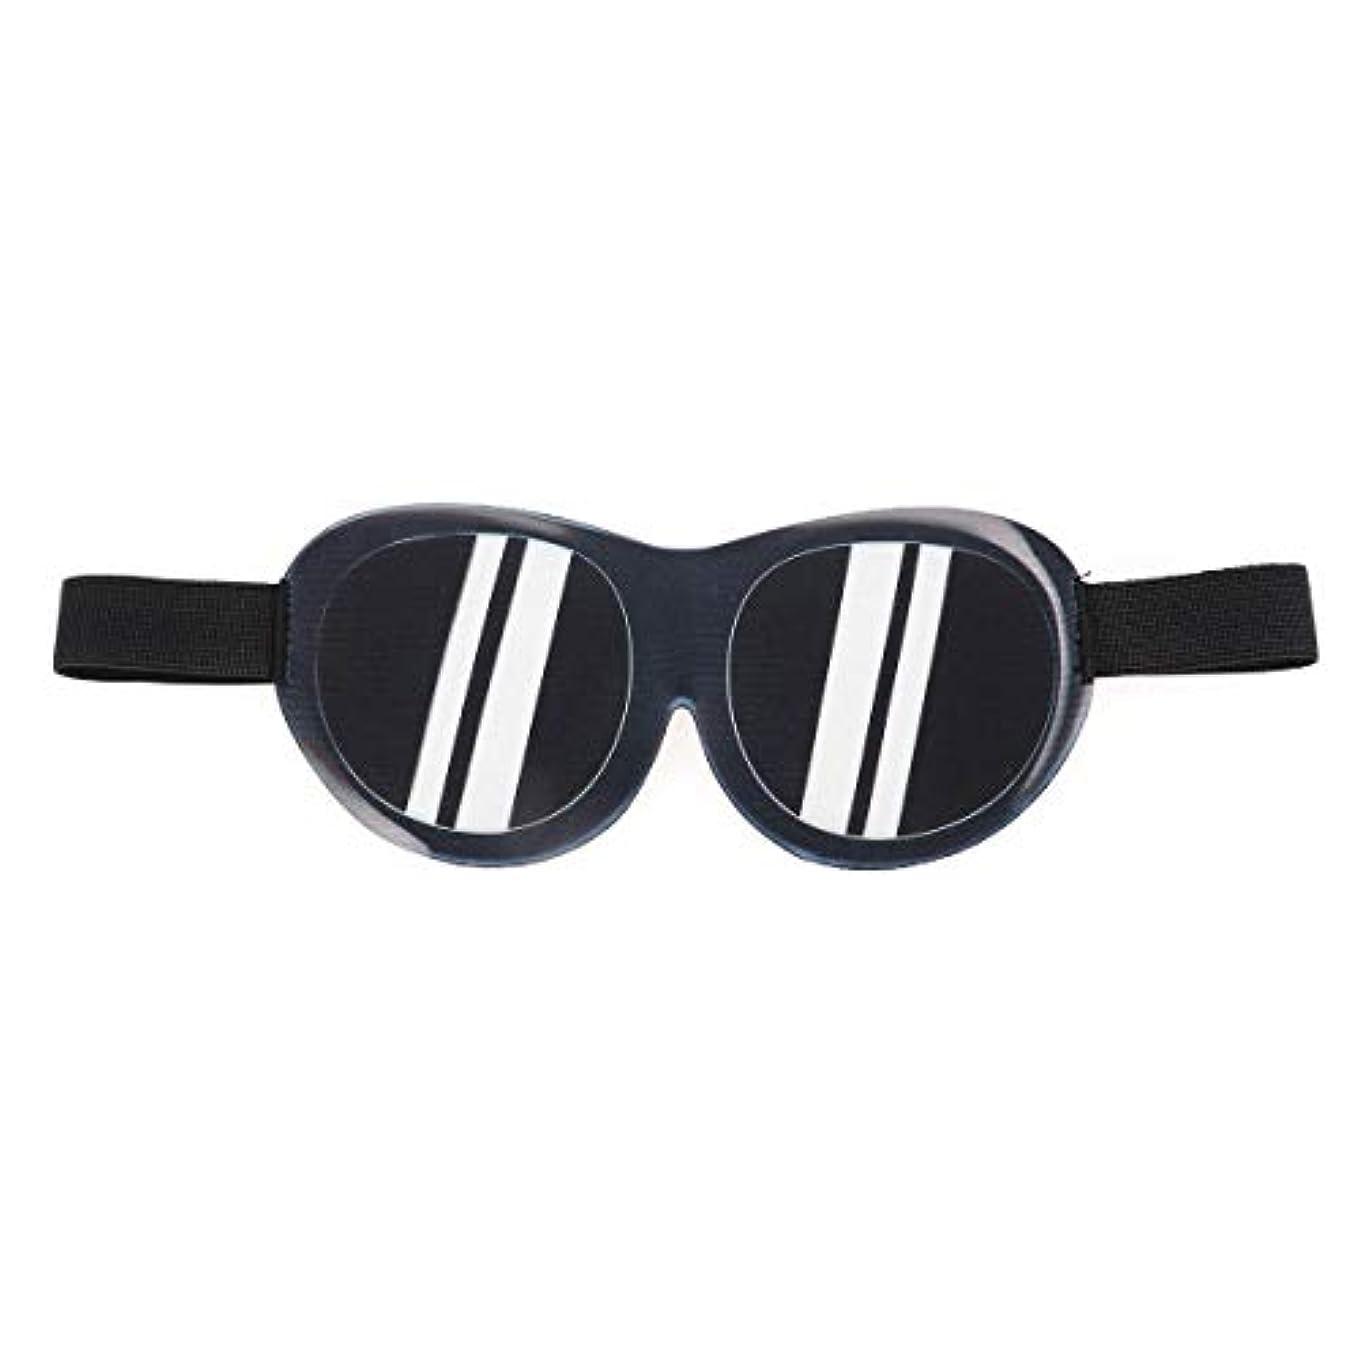 コインクック隣接するBeaupretty おかしいアイマスク3Dサングラスアイシェードおかしいなりすましステレオホームスリーパーアイスリープシェード(サングラスを持っているふりをする)